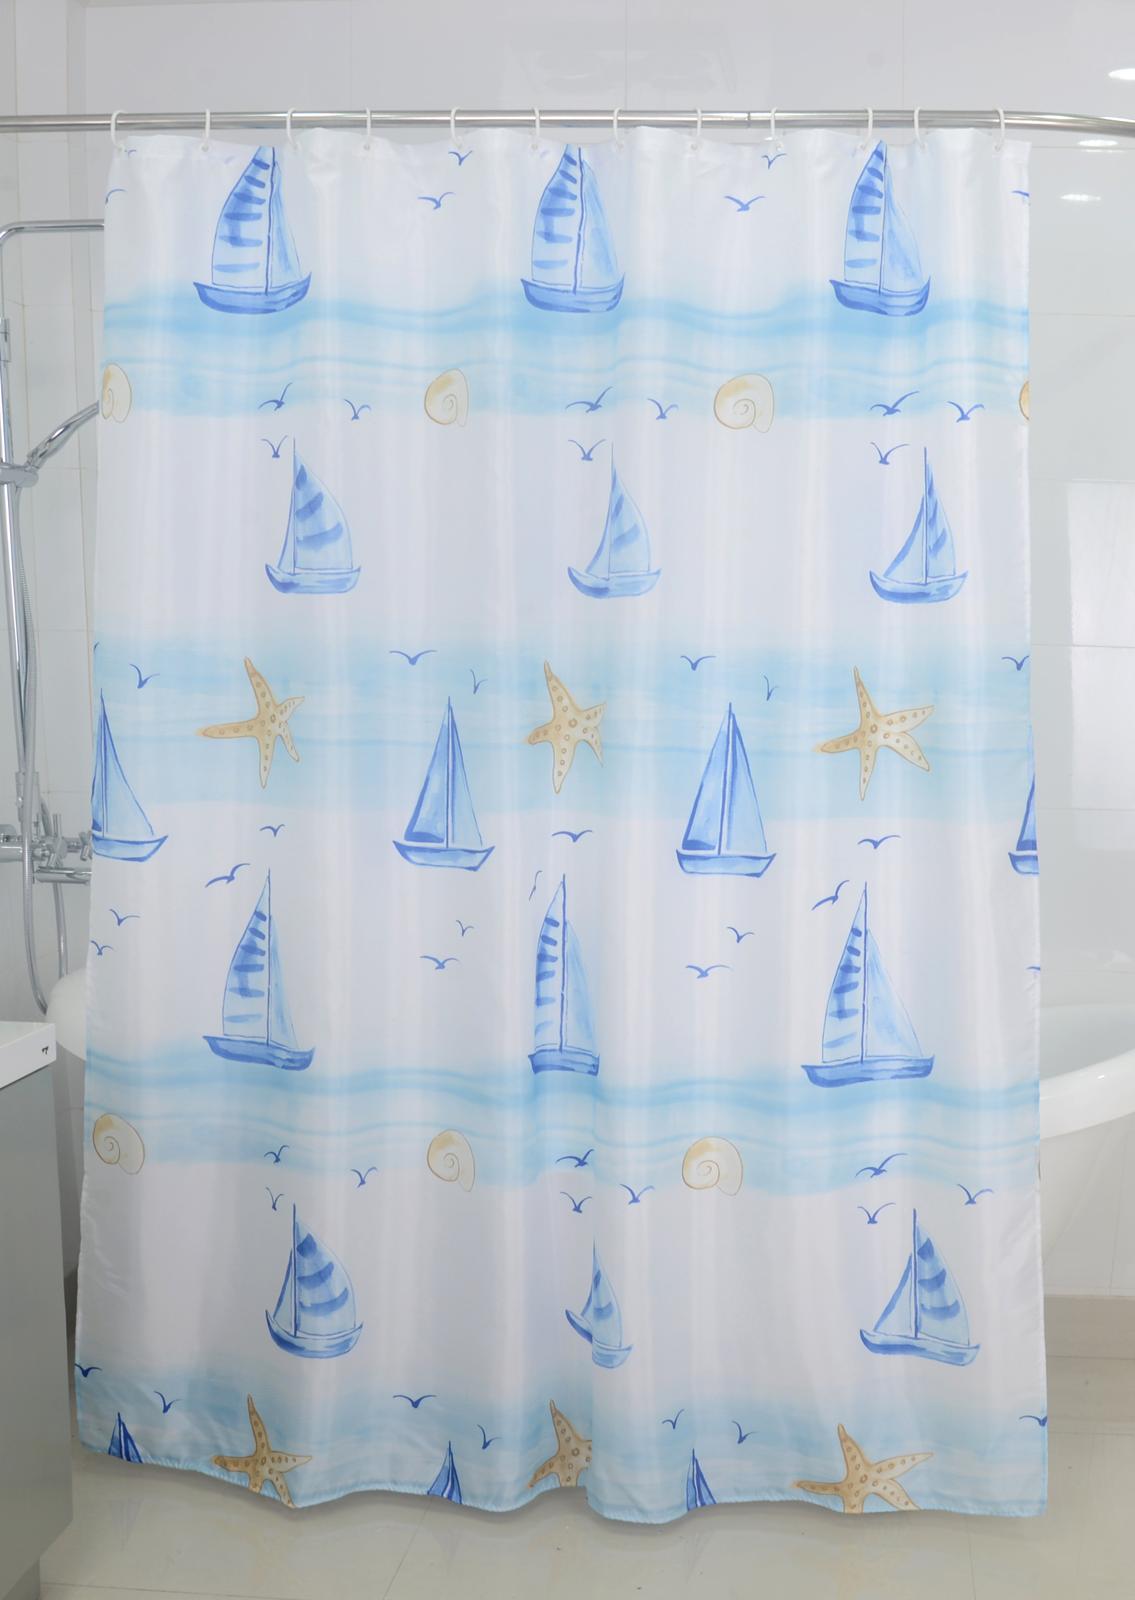 Badtextilien - Textil Duschvorhang Badewannenvorhang Vorhang 180x200 incl. 12 Ringe 568087 Sealife  - Onlineshop PremiumShop321